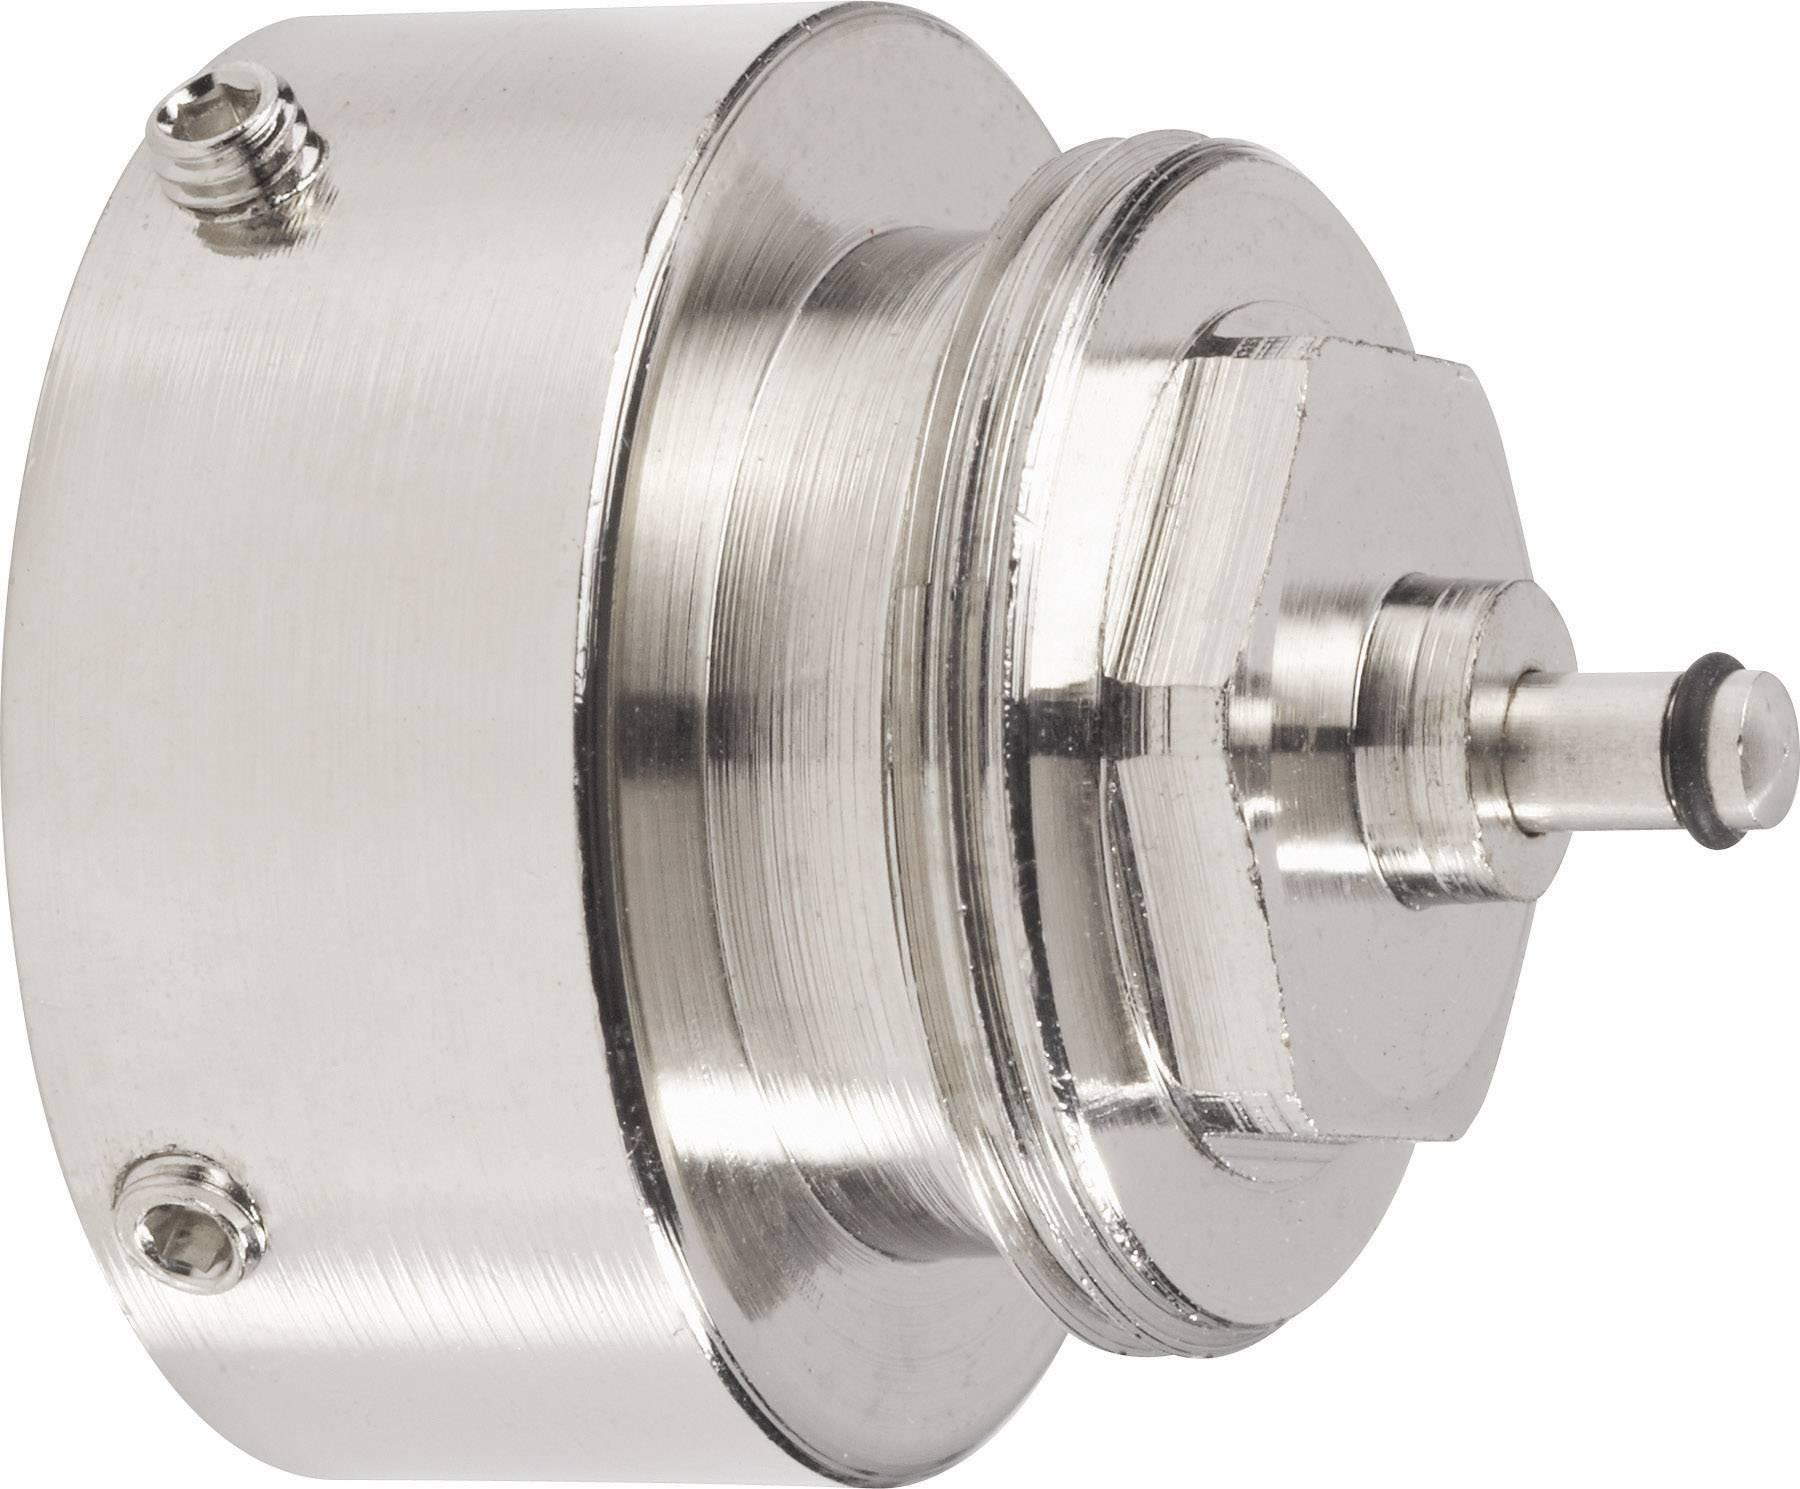 Mosadzný adaptér termostatu 700 100 001 vhodný pre Vaillant, 30.5 mm